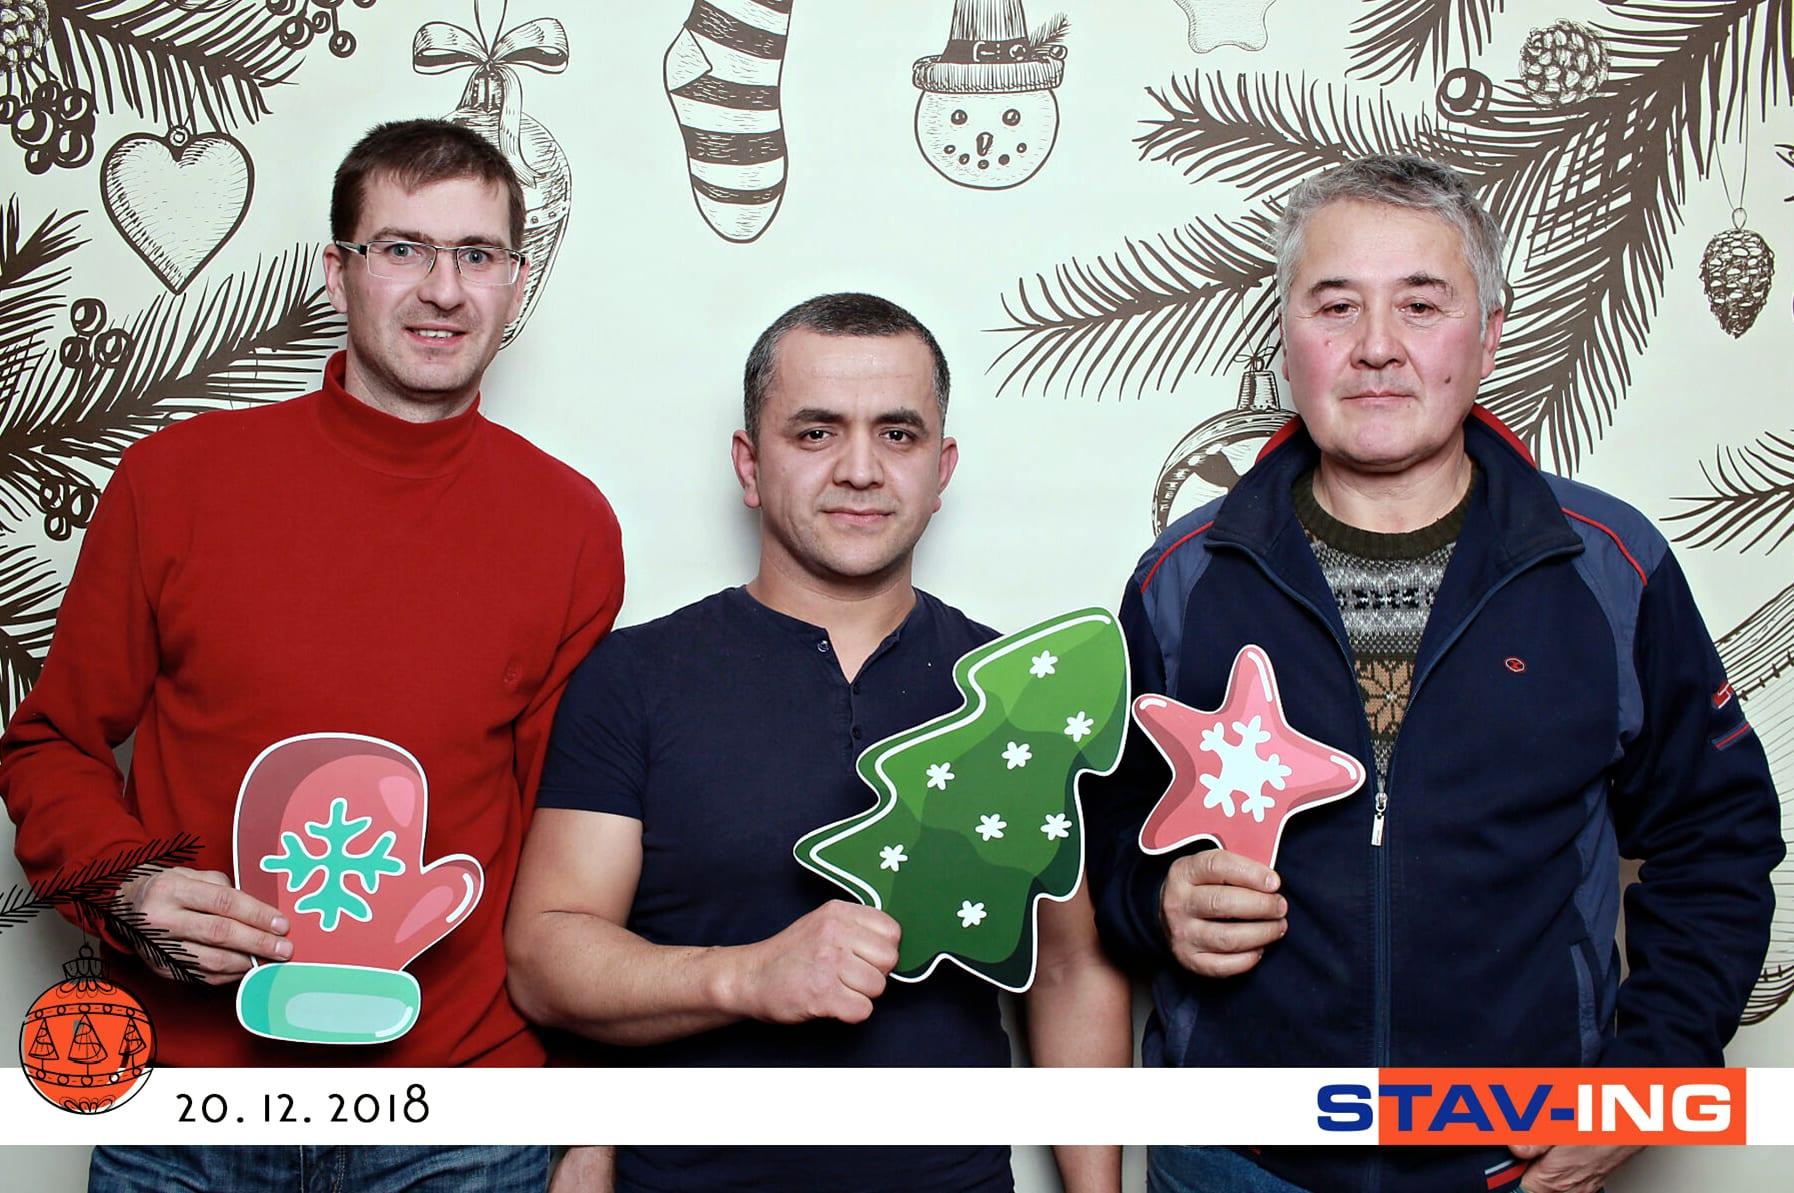 fotokoutek-stav-ing-20-12-2018-558119